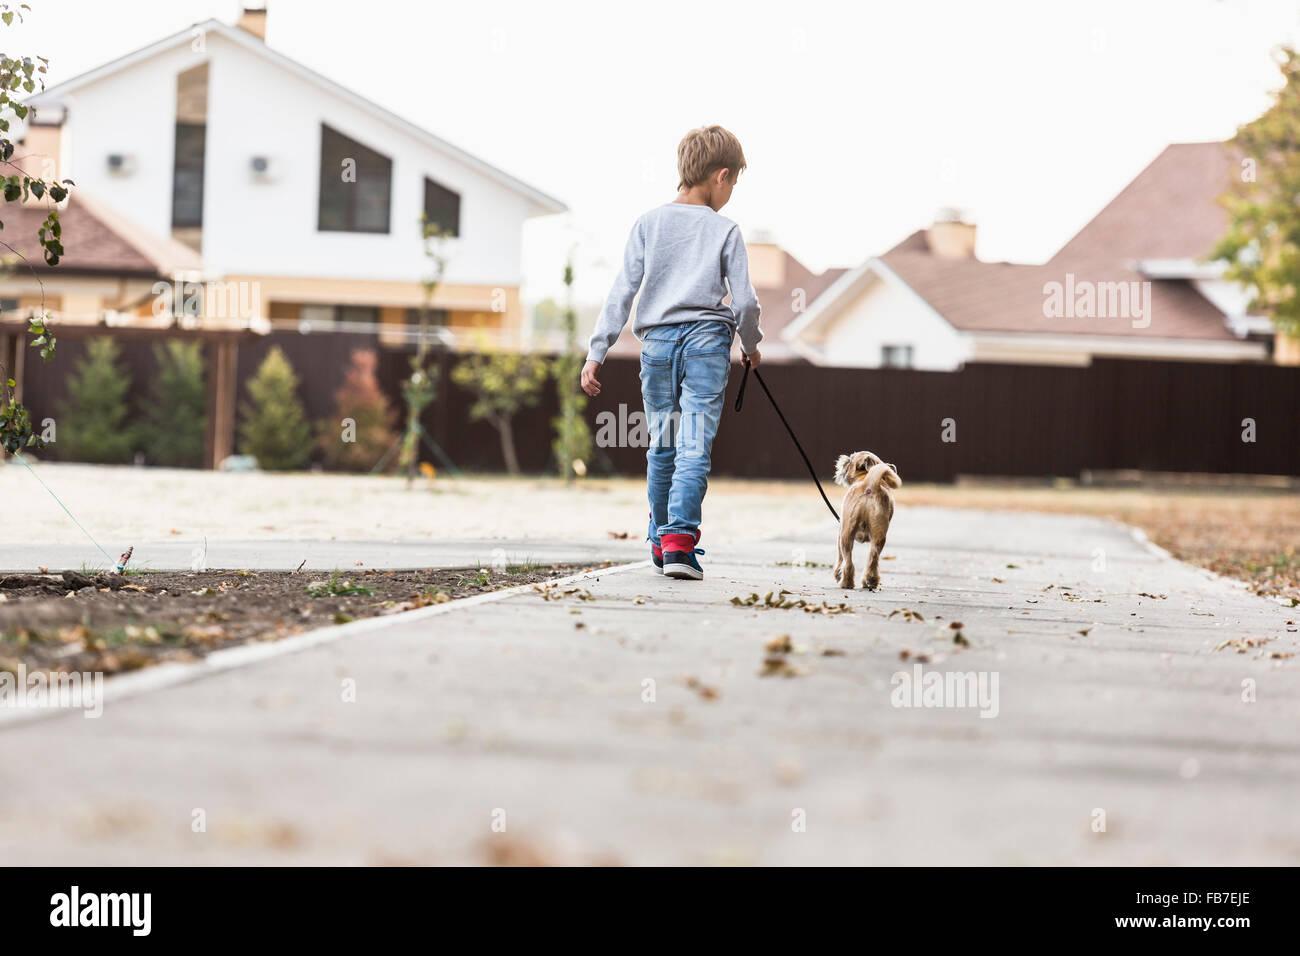 Vista posteriore del ragazzo passeggiate con il cane sul sentiero Immagini Stock